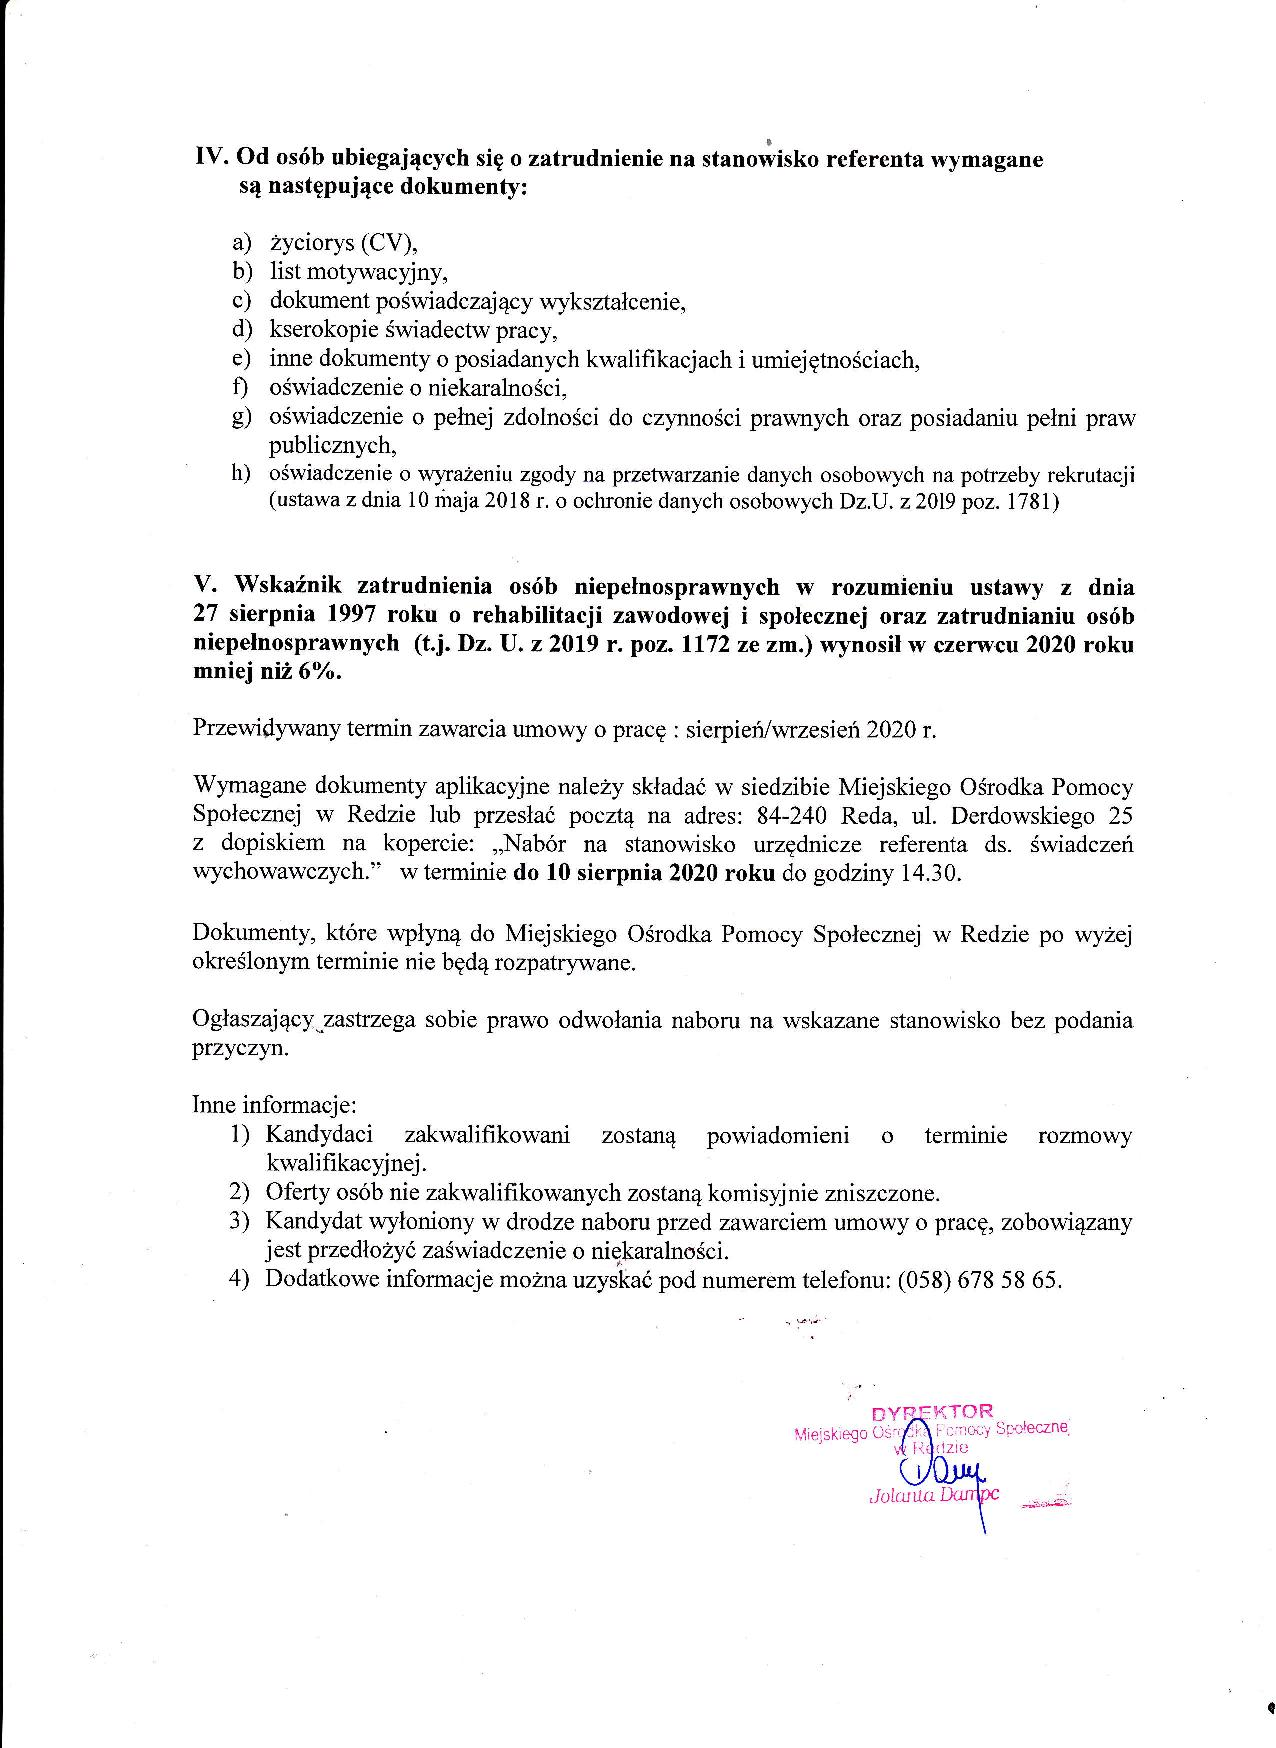 Ogłoszenie o naborze na Stanowisko urzędnicze referenta ds. świadczenia wychowawczego